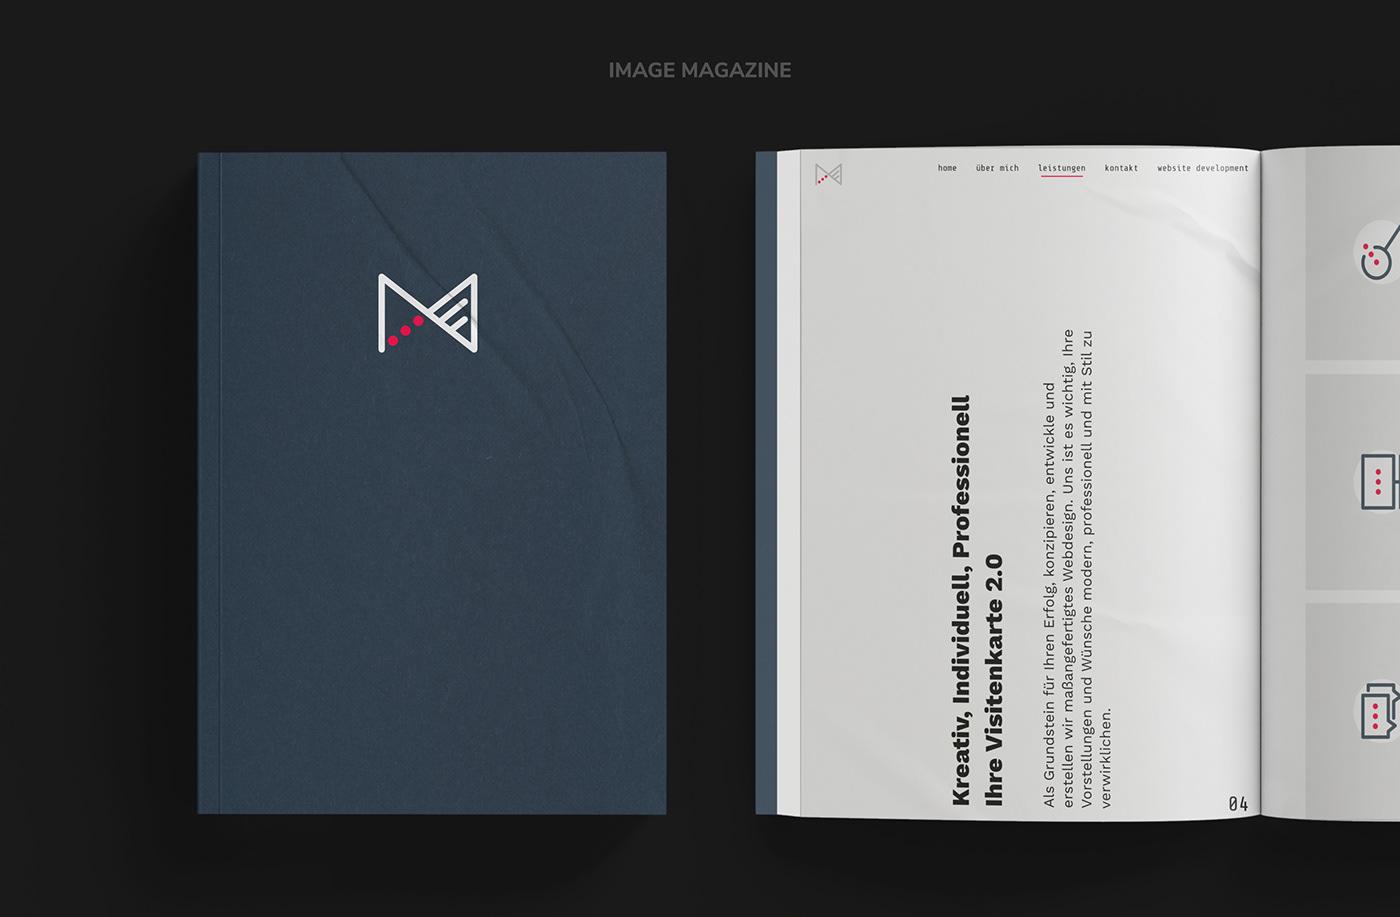 MAYFLOWER.MEDIA // Image Magazine